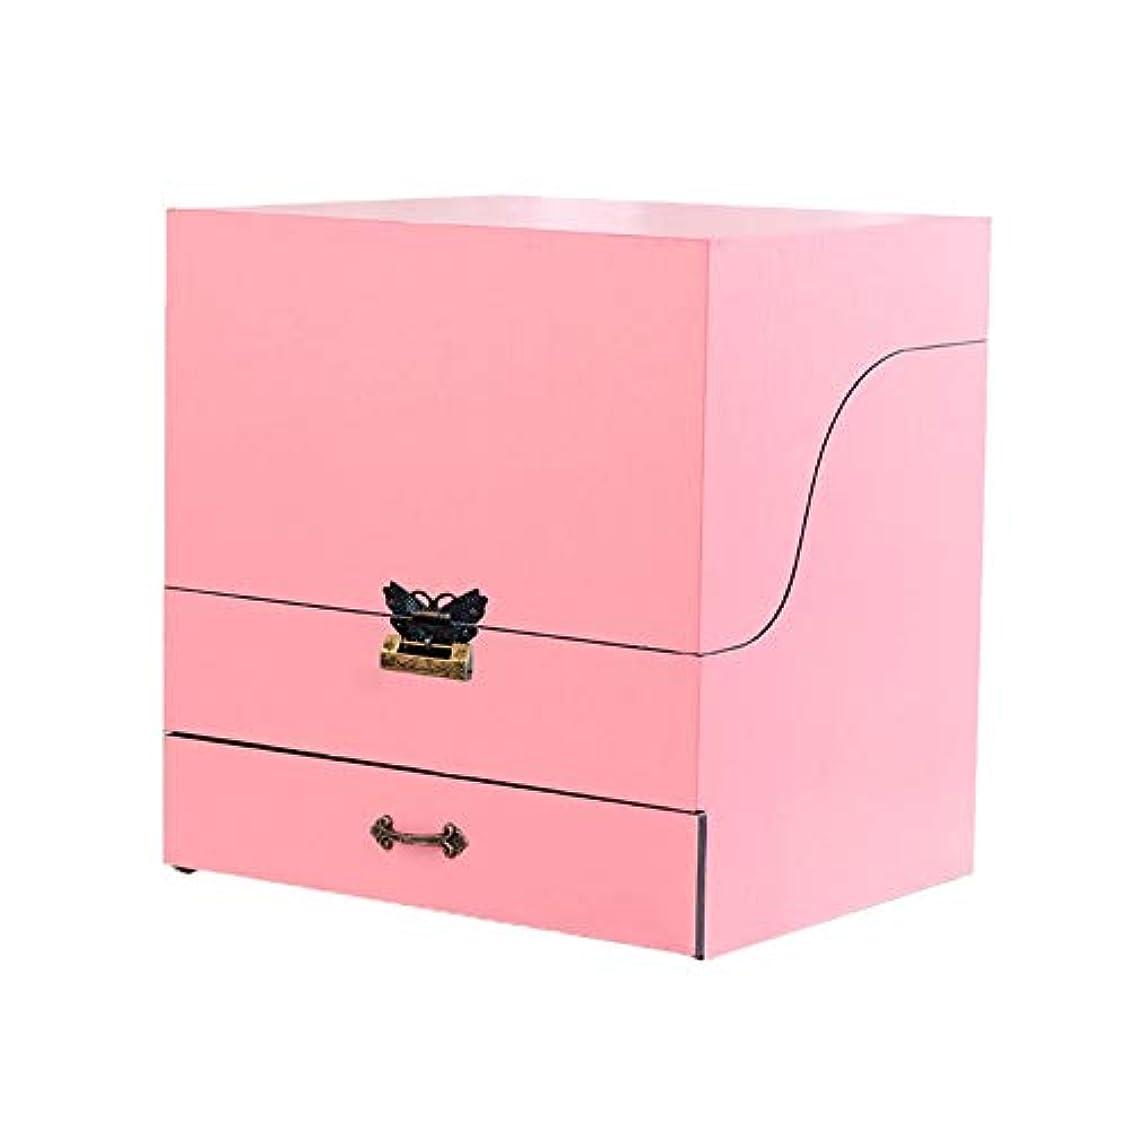 幸運な従事するポーチメイクボックス コスメボックス ジュエリー収納ボックス 鏡付き 大容量 木製 化粧品収納 ジュエリー収納 小物入り おしゃれ 可愛い ホワイト コルク ピンク プレゼント